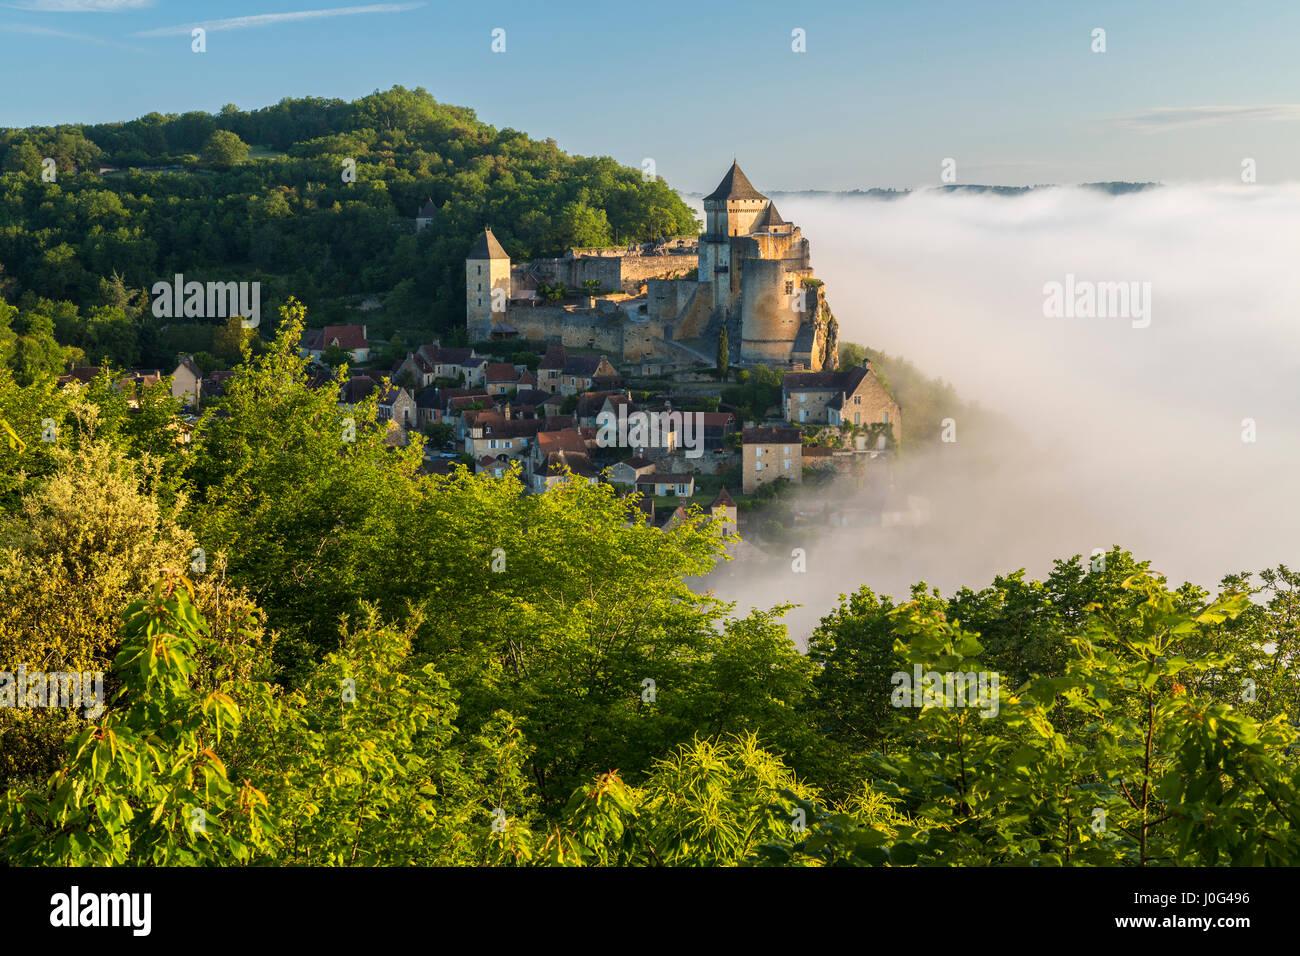 Morning mist, Chateau de Castelnaud, Castelnaud, Dordogne, Aquitaine, France Stock Photo